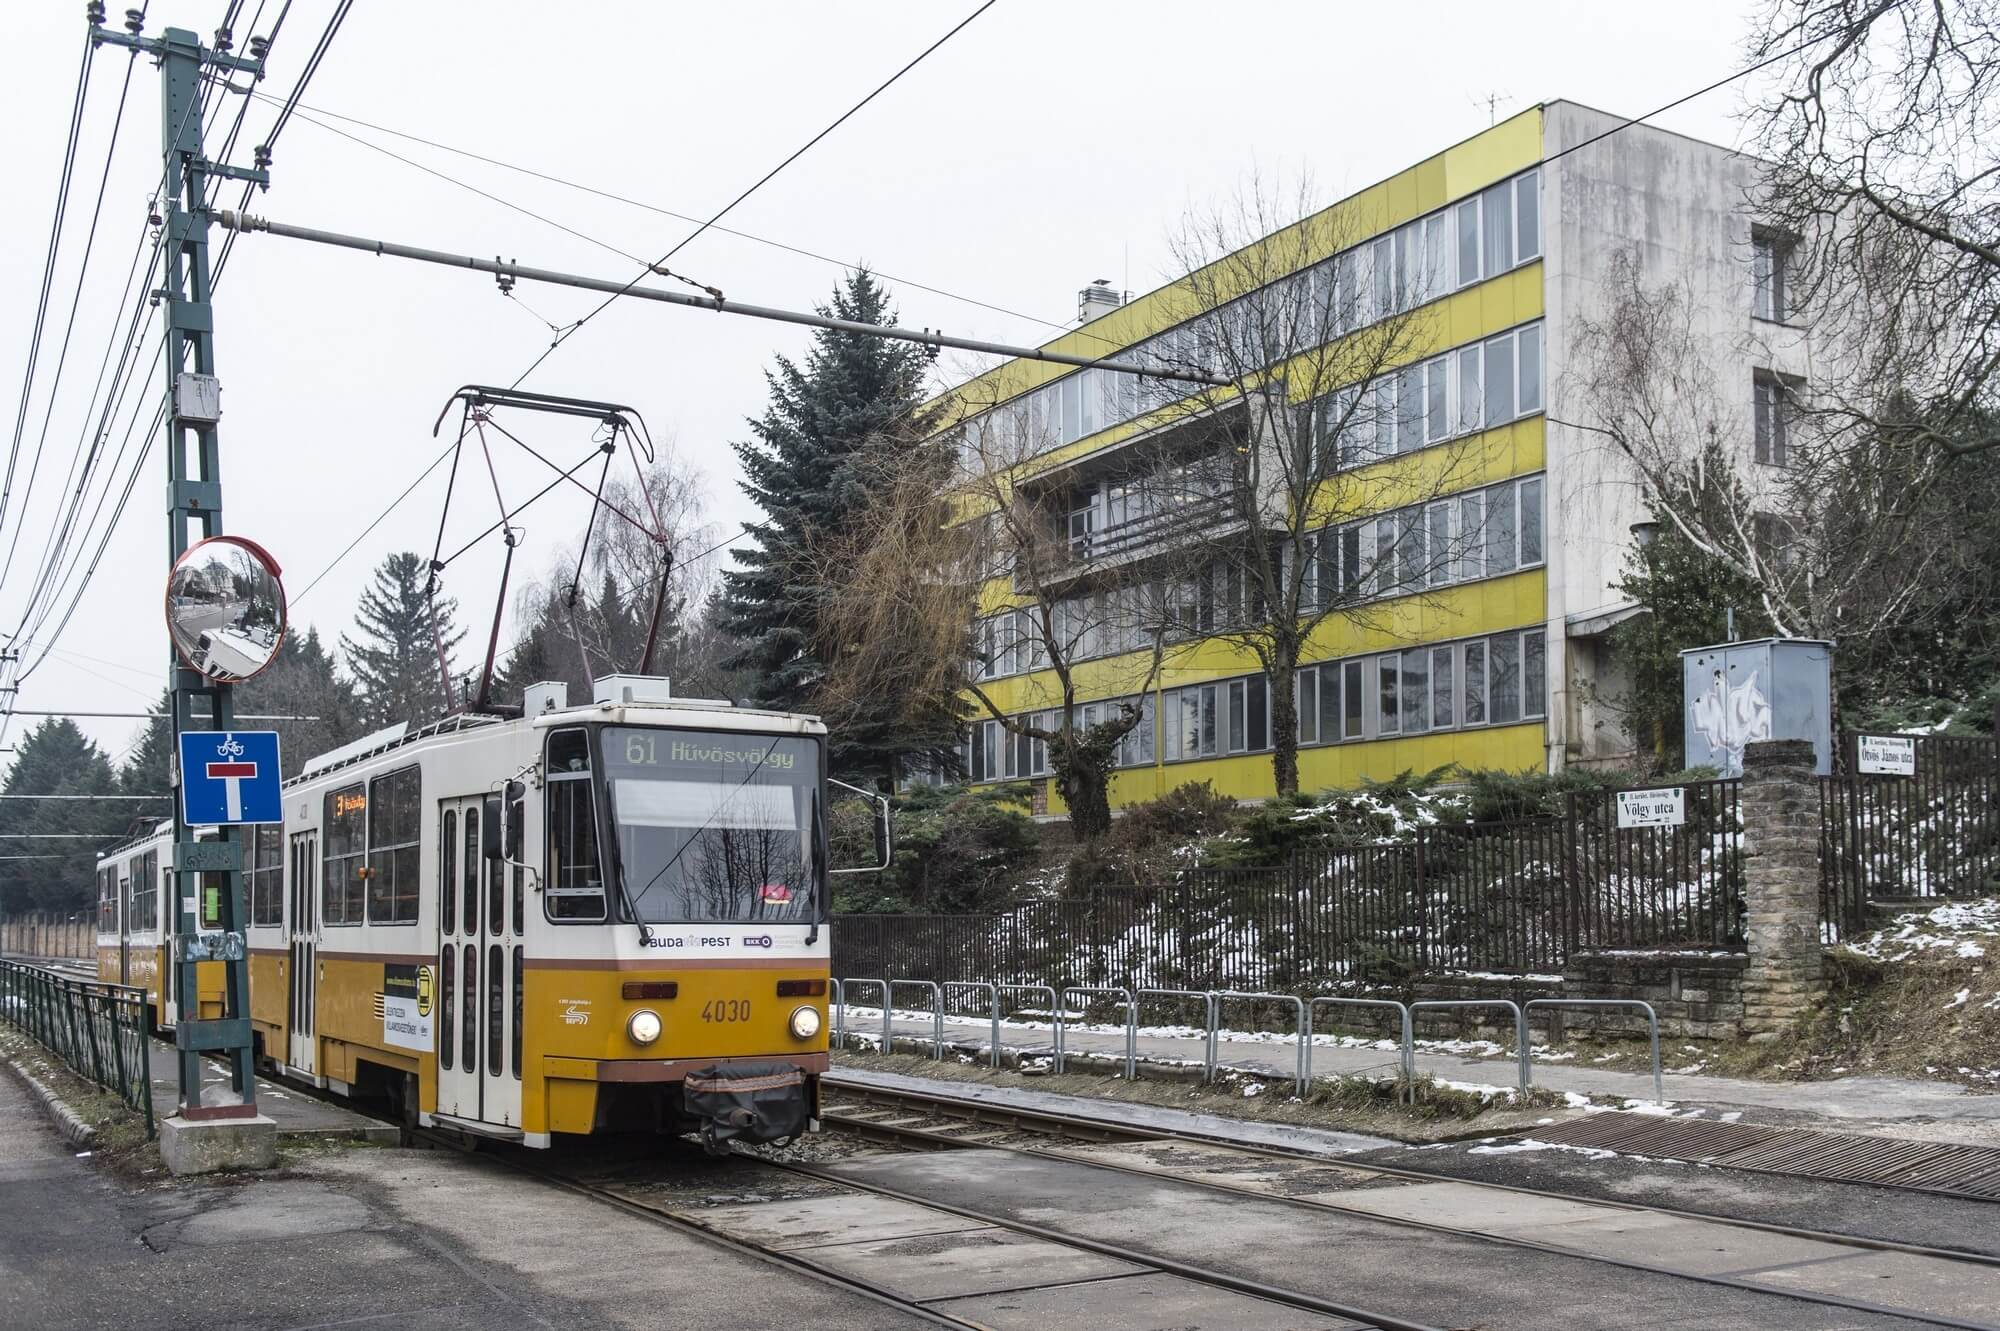 Új iskolaépületet alakítanak ki a II. kerületben